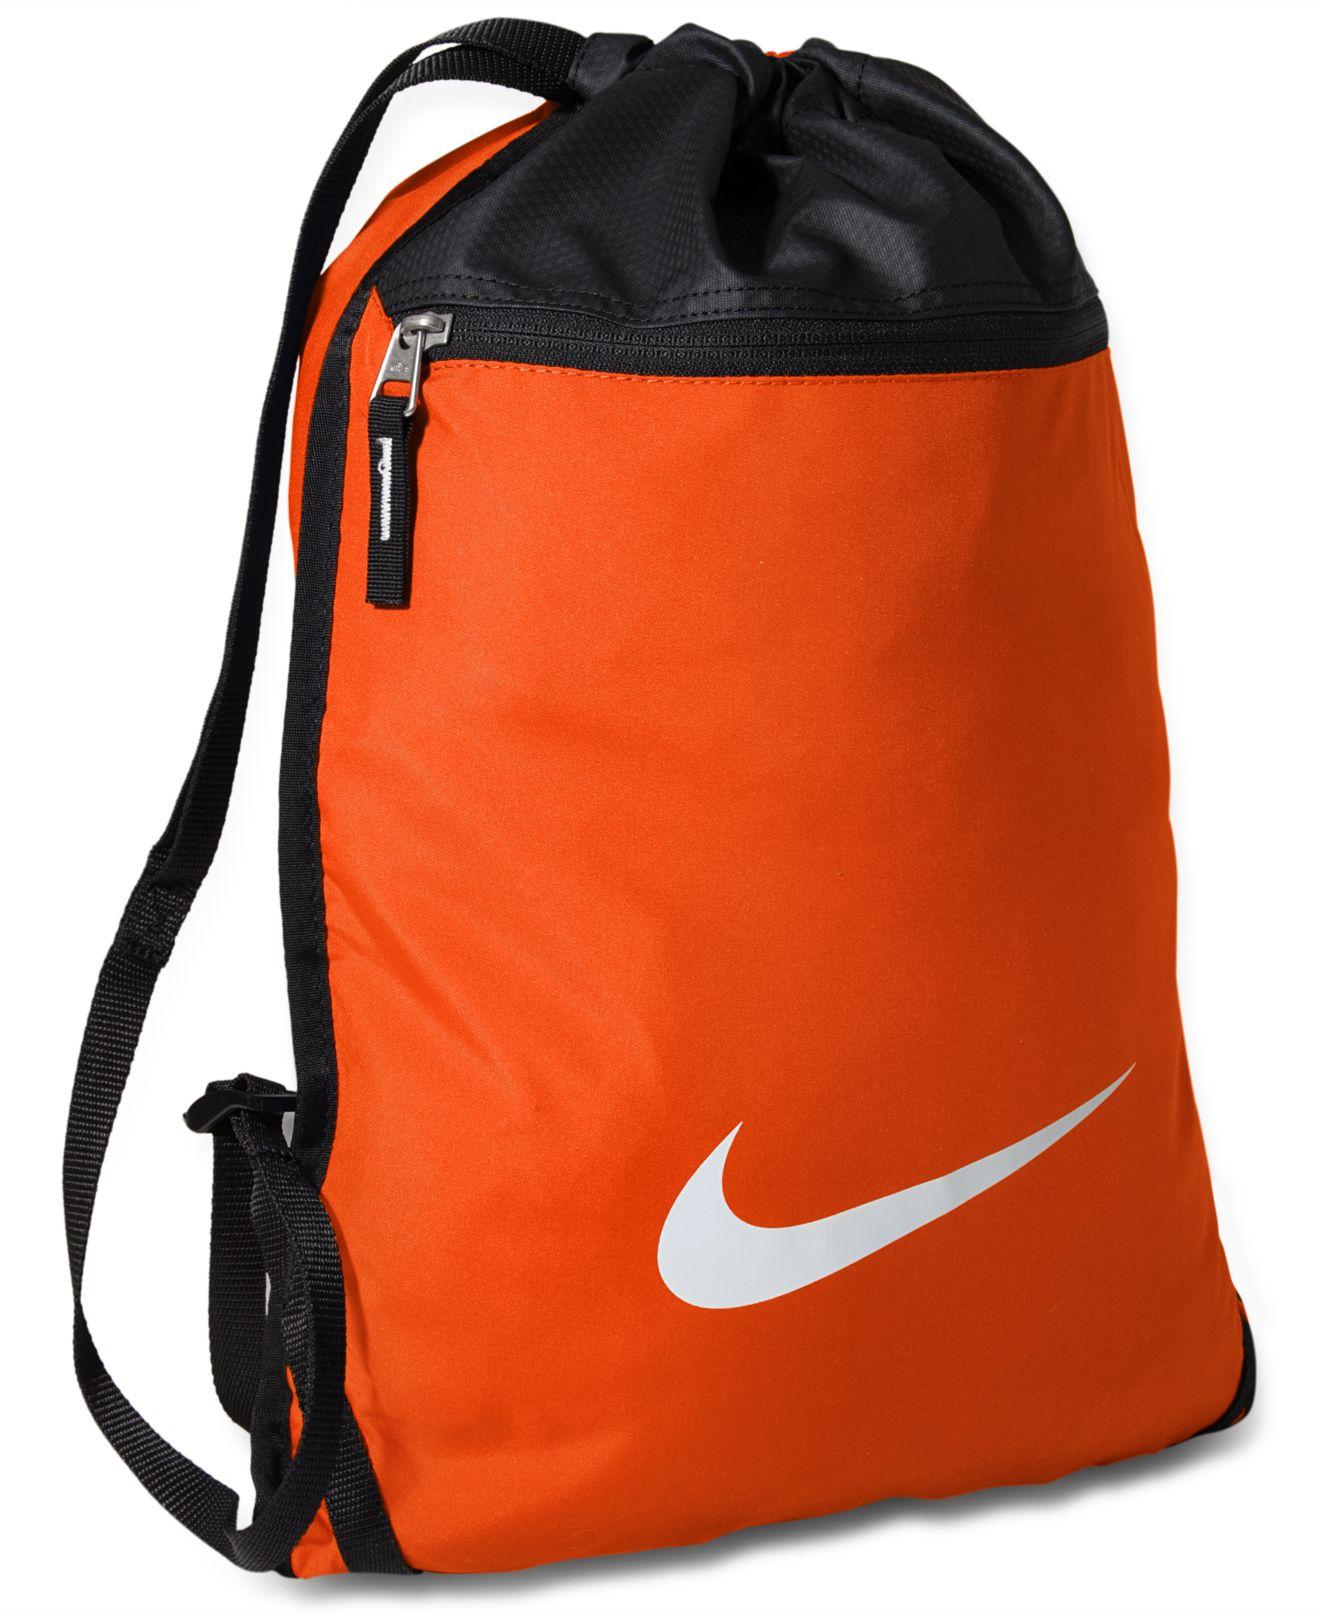 Lyst - Nike Team Training Gymsack Bag in Blue for Men f5832b80316b0